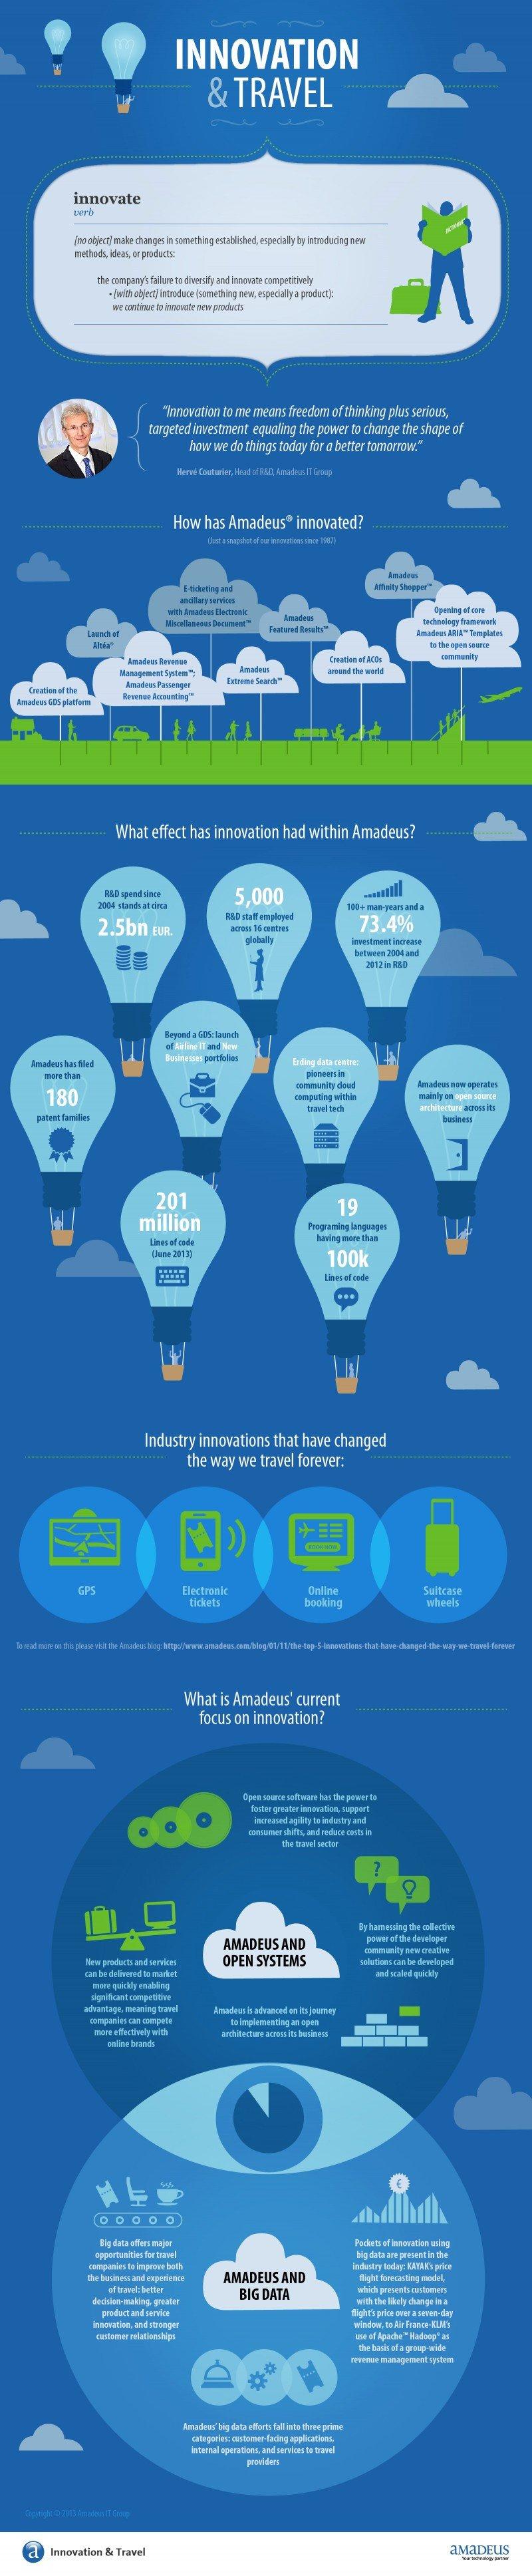 Infografía: el impacto de la innovación en Amadeus